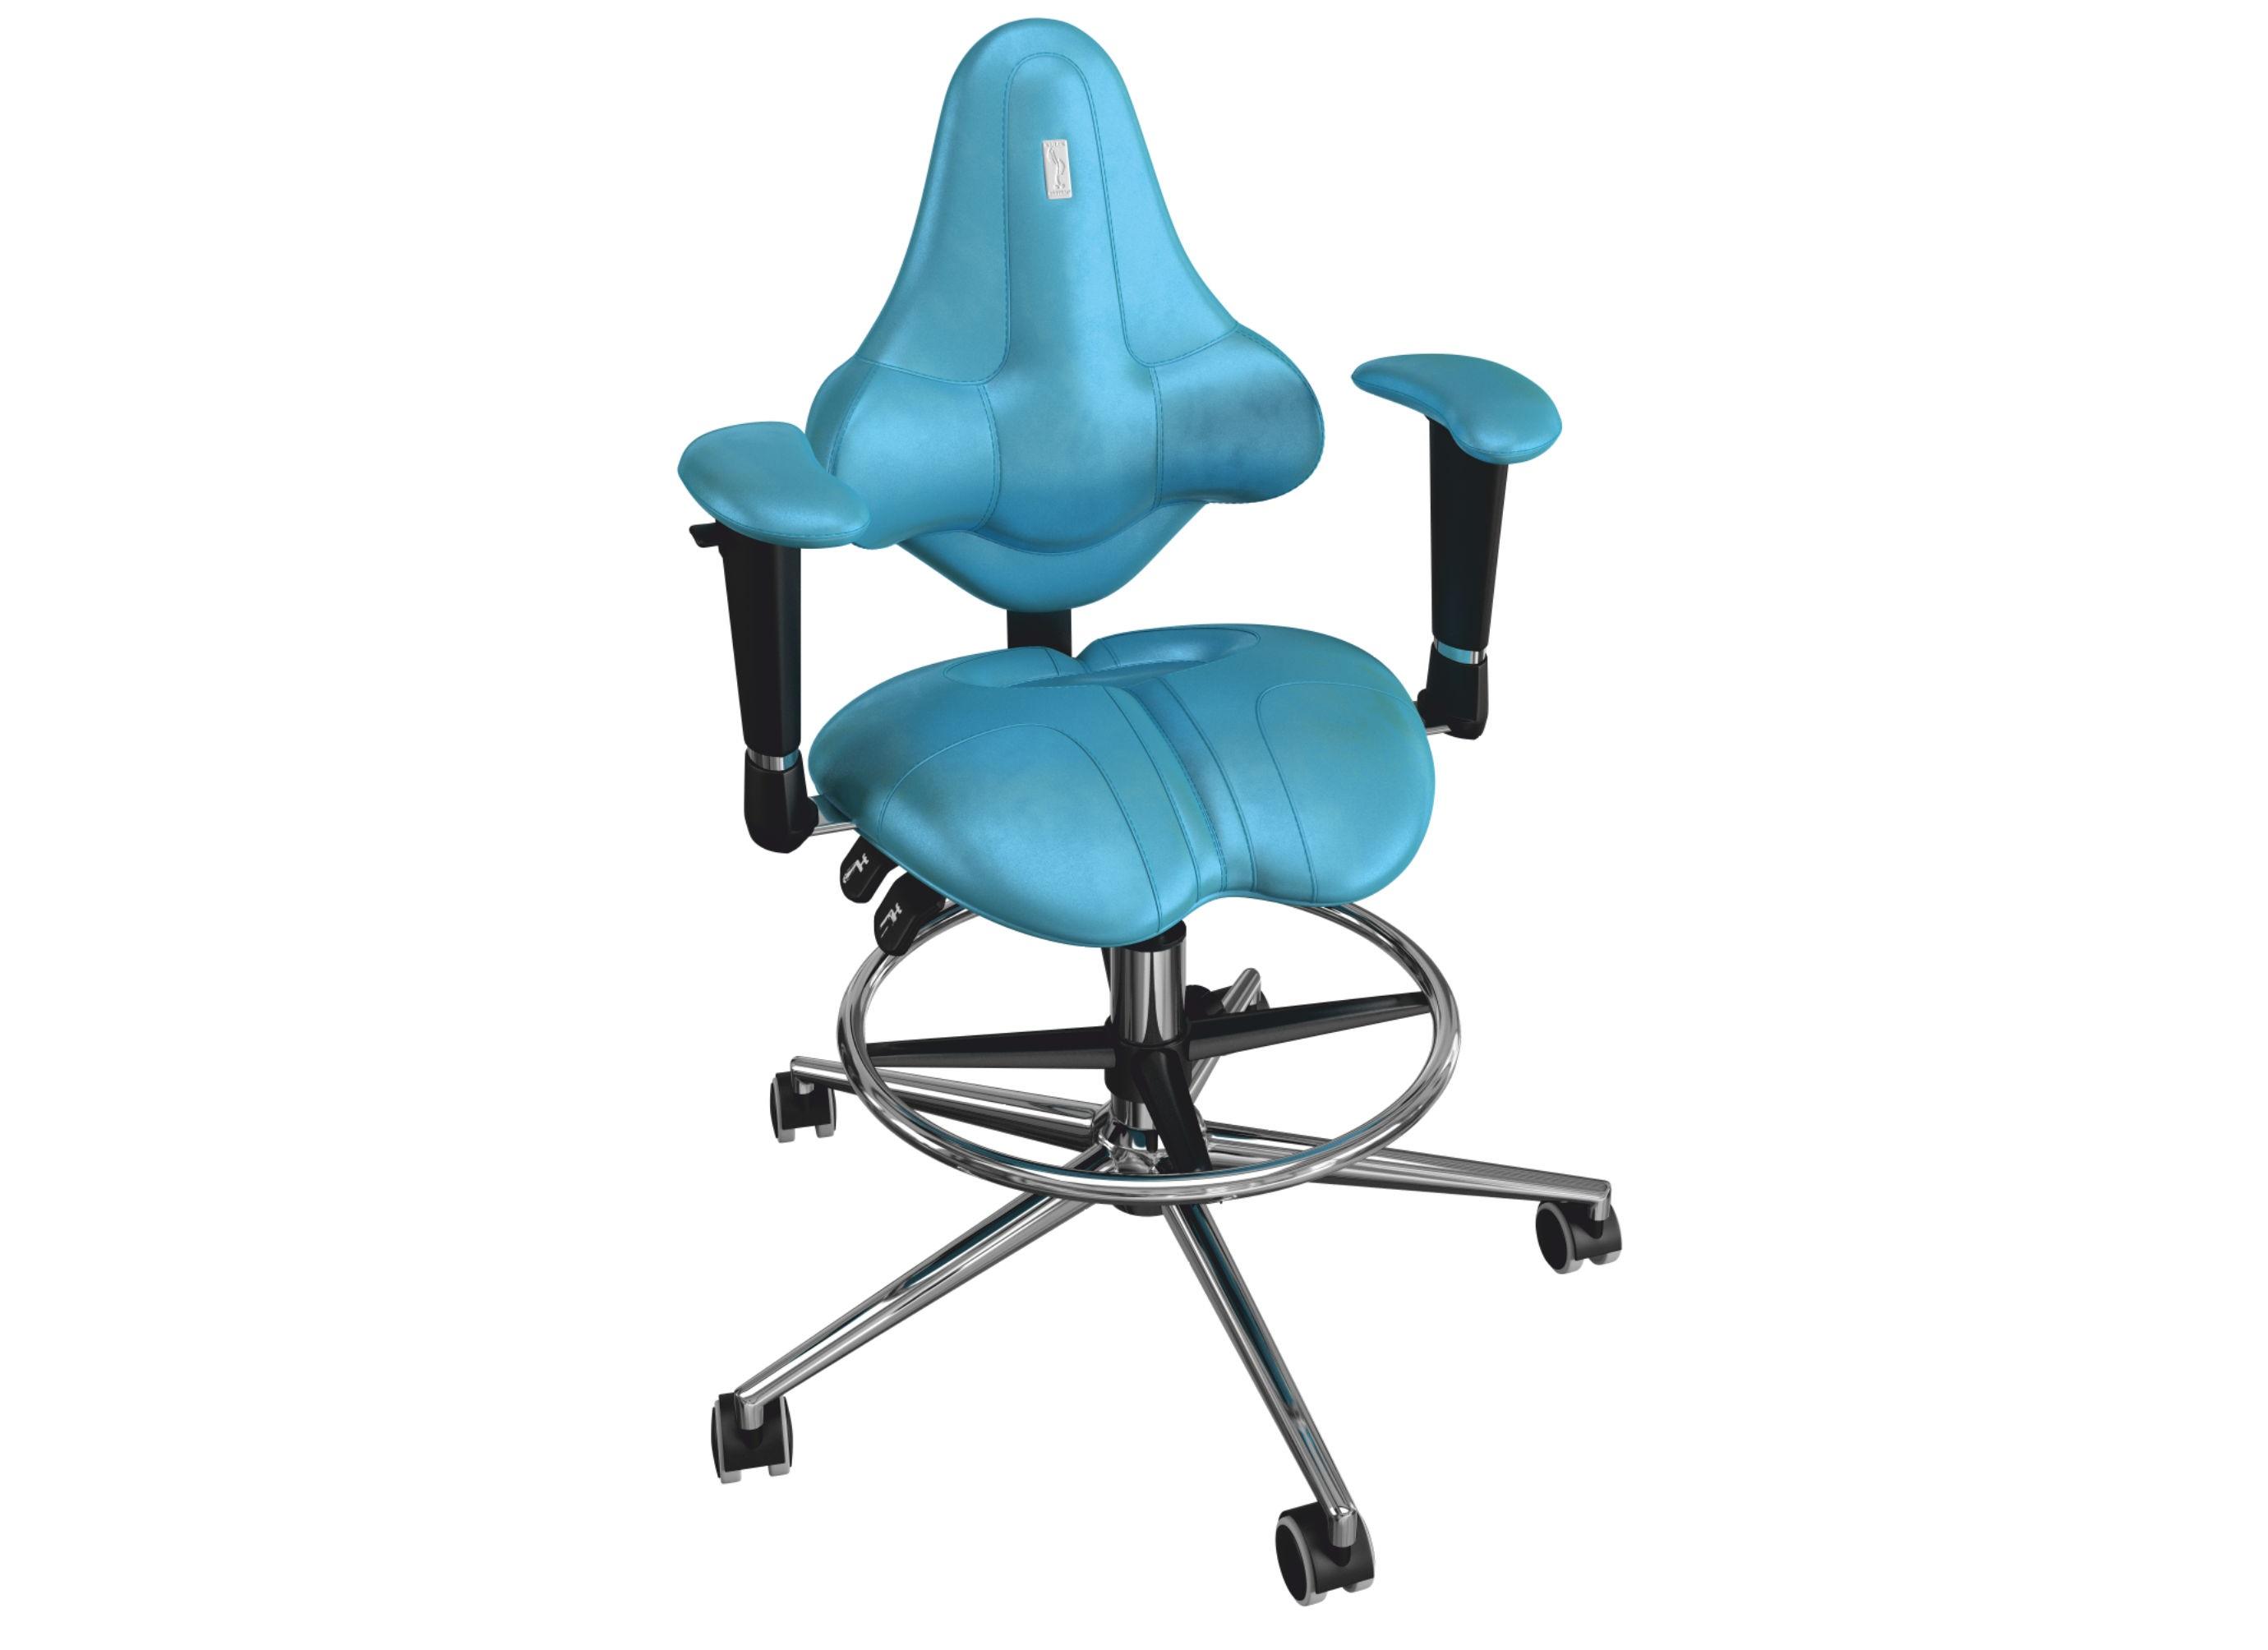 Кресло KIDSРабочие кресла<br>&amp;lt;div&amp;gt;Профильная модель кресла для детей отлично подойдет для самых активных и непоседливых ребятишек. Такое кресло сбережет осанку ребенка и приучит ваше чадо заботиться о своем здоровье с раннего детства. В кресле KIDS ребенок почувствует себя настоящим чемпионом по здоровью!&amp;amp;nbsp;&amp;lt;/div&amp;gt;&amp;lt;div&amp;gt;&amp;lt;br&amp;gt;&amp;lt;/div&amp;gt;&amp;lt;div&amp;gt;Дополнительная комплектация: перфорация на коже, заказ в другом материале (натуральная кожа, экокожа, азур, антара) и цвете из палитры образцов, комбинация DUO COLOR.&amp;amp;nbsp;&amp;lt;/div&amp;gt;&amp;lt;div&amp;gt;Информацию по стоимости уточняйте у менеджера.&amp;lt;/div&amp;gt;<br>&amp;lt;br&amp;gt;<br>&amp;lt;iframe width=&amp;quot;500&amp;quot; height=&amp;quot;320&amp;quot; src=&amp;quot;https://www.youtube.com/embed/6koG4IB7DW4&amp;quot; frameborder=&amp;quot;0&amp;quot; allowfullscreen=&amp;quot;&amp;quot;&amp;gt;&amp;lt;/iframe&amp;gt;<br>&amp;lt;br&amp;gt;<br>&amp;lt;iframe width=&amp;quot;500&amp;quot; height=&amp;quot;320&amp;quot; src=&amp;quot;https://www.youtube.com/embed/99WAtfUHlt0&amp;quot; frameborder=&amp;quot;0&amp;quot; allowfullscreen=&amp;quot;&amp;quot;&amp;gt;&amp;lt;/iframe&amp;gt;<br><br>Material: Текстиль<br>Ширина см: 62.0<br>Высота см: 100.0<br>Глубина см: 44.0